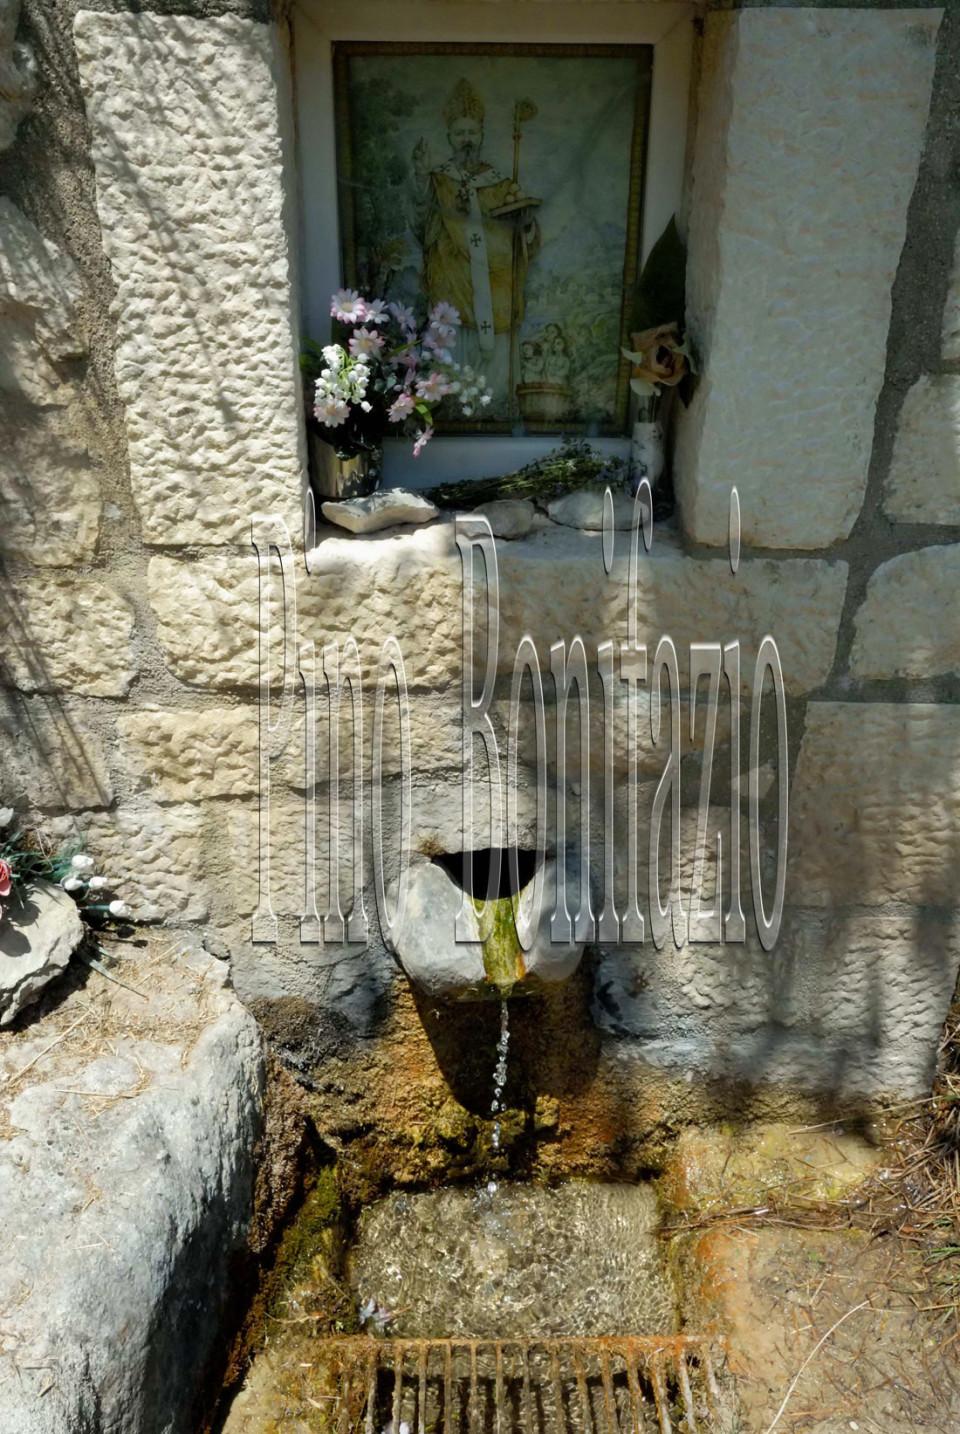 Fonte dell'acqua santa vicino l'eremo di San Nicola. Si ritiene abbia proprietà benefiche per la cura del mal di testa